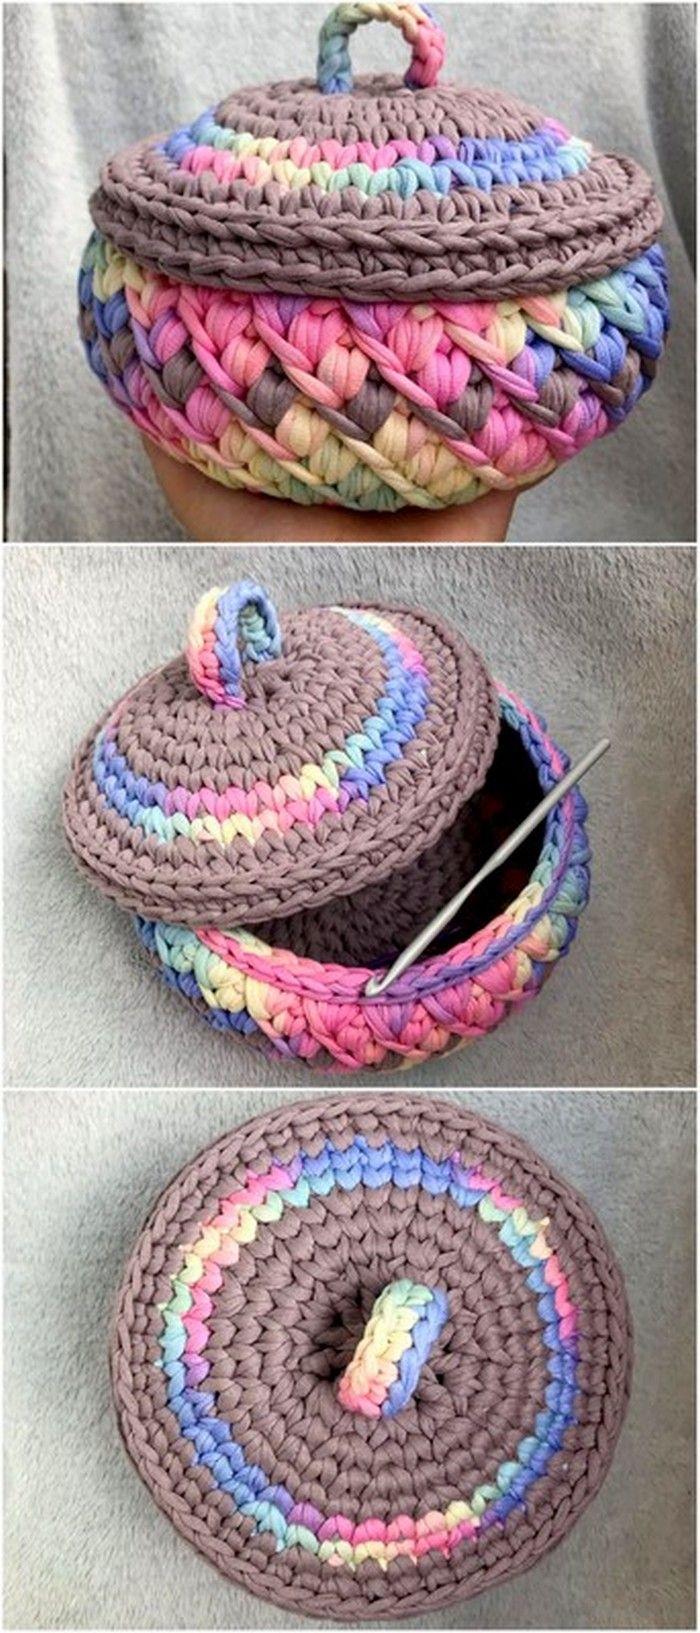 Unique Designs & Best Crochet Patterns For Different ...